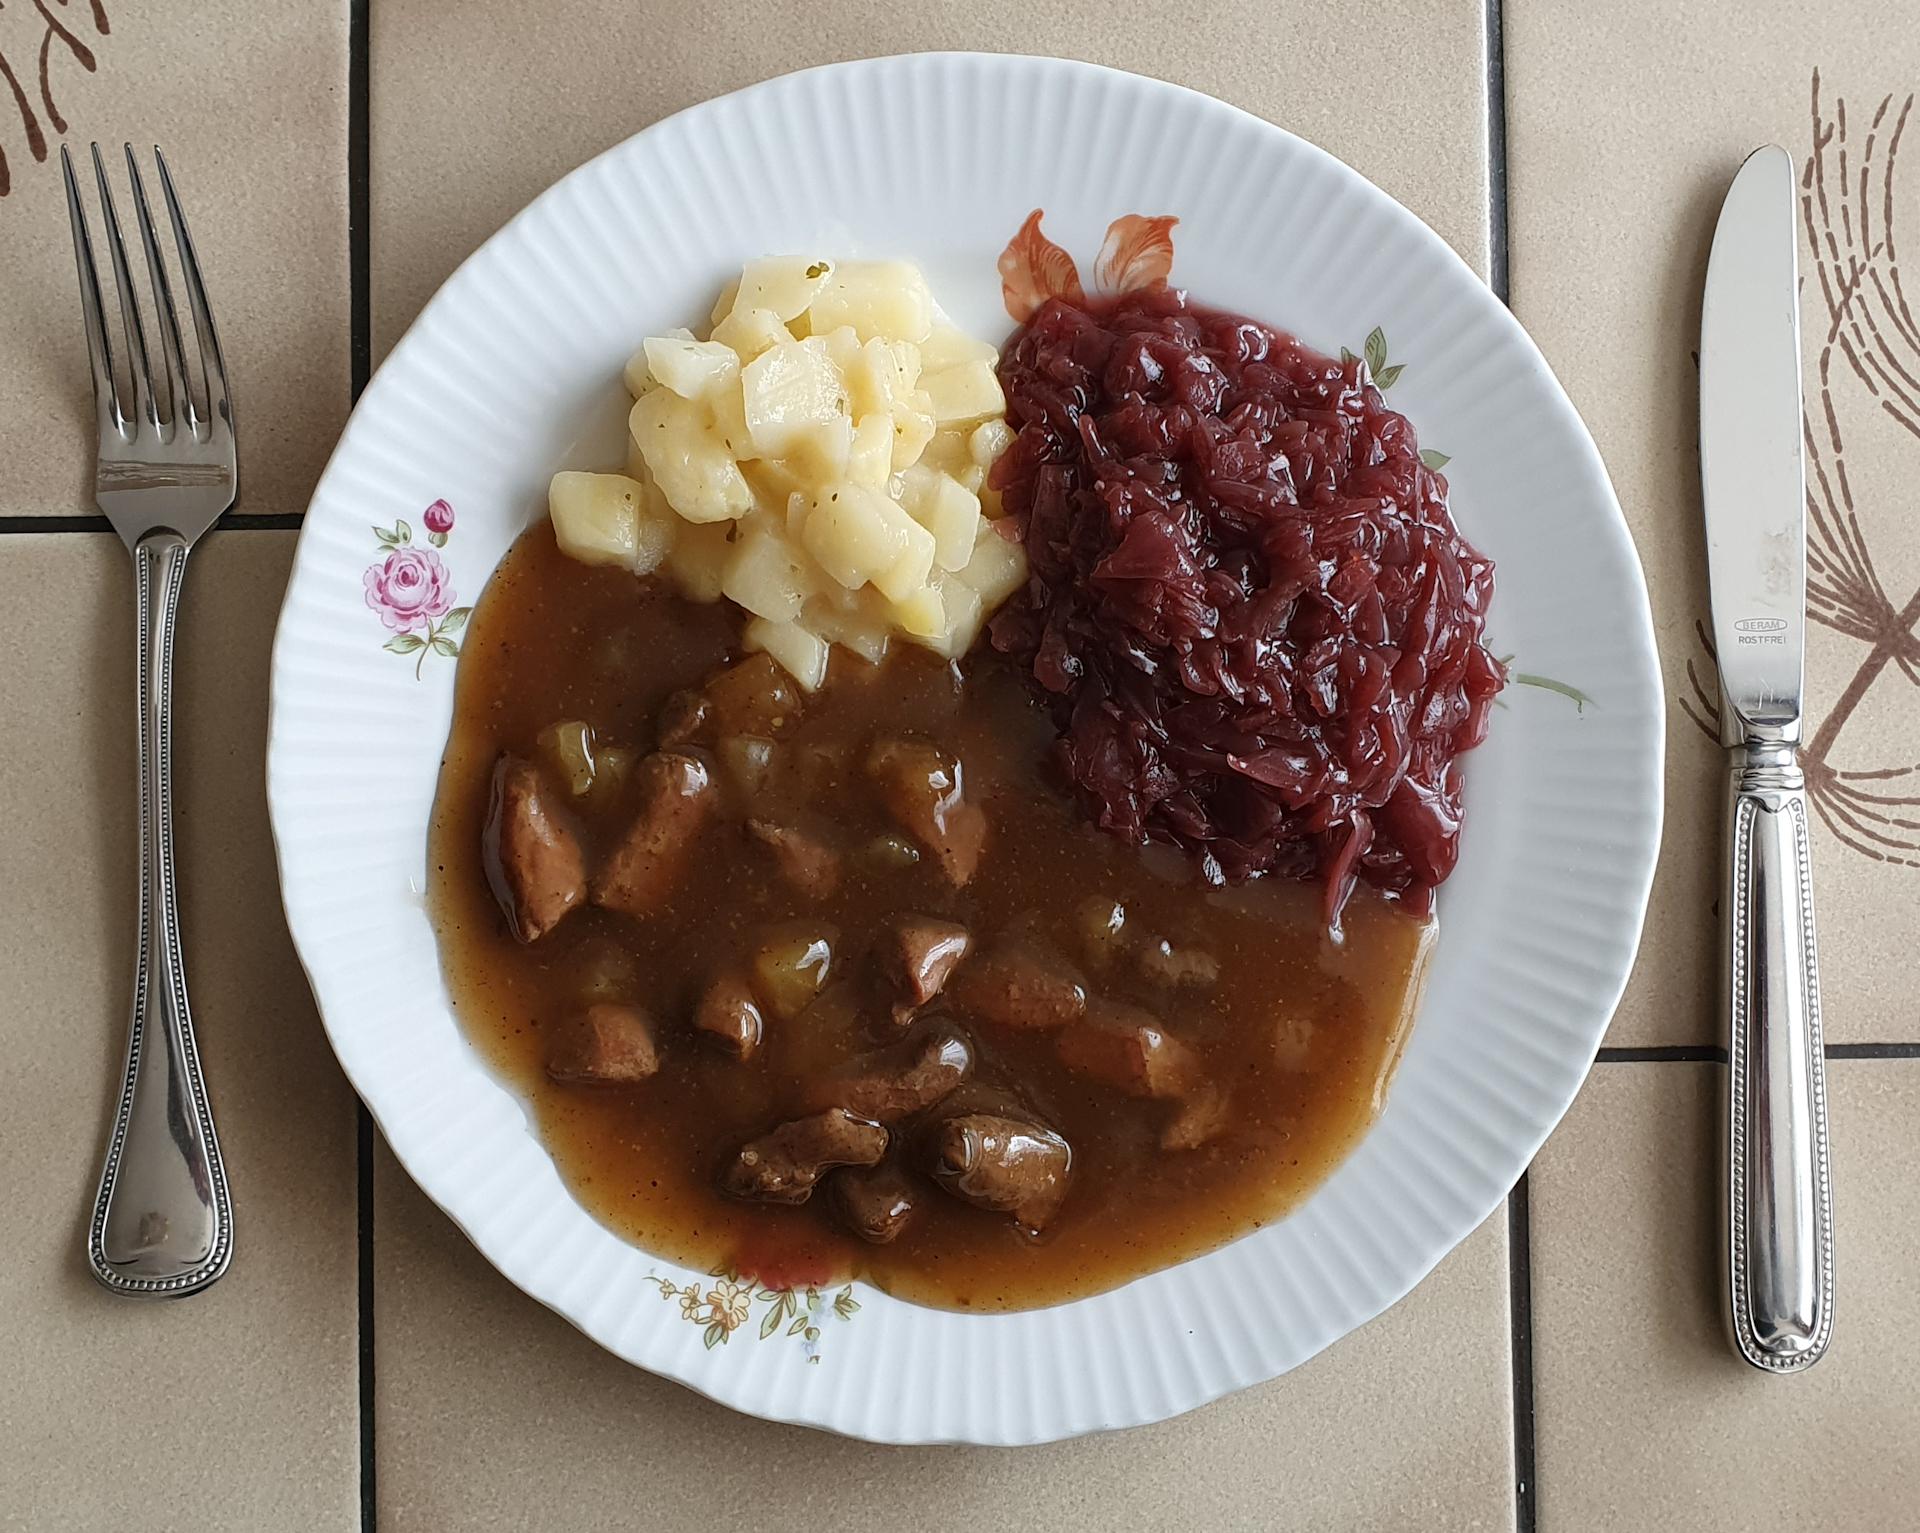 Entenfleisch mit Kartoffelwürfel und Rotkohl